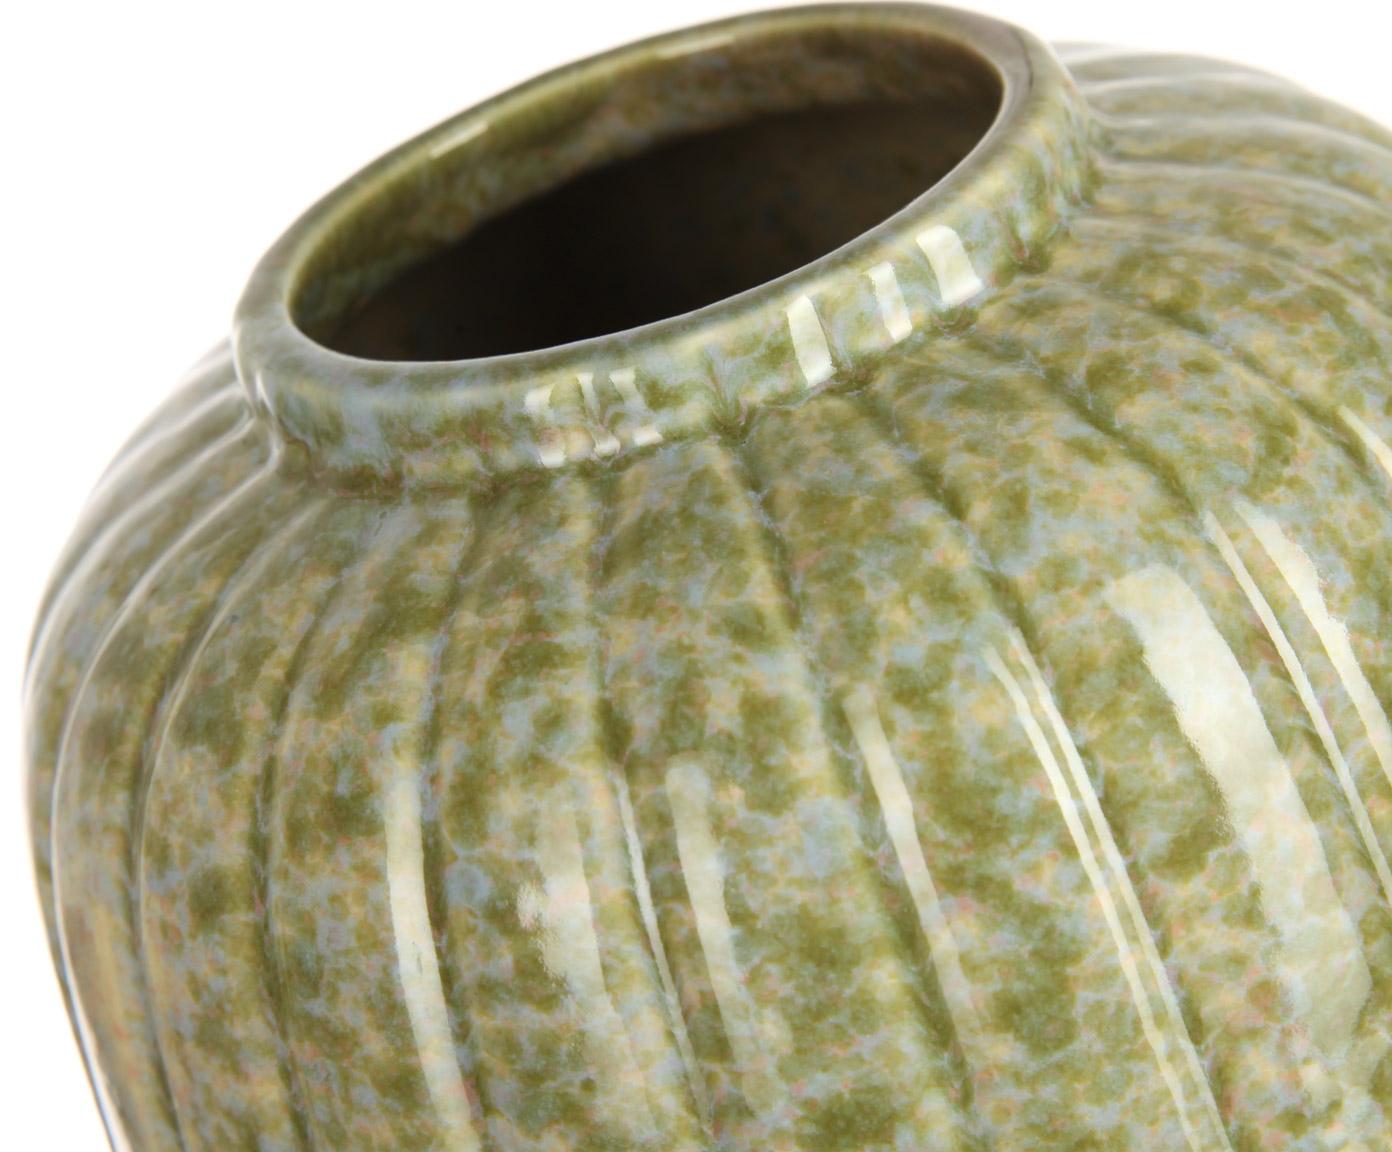 Ваза декоративнаяВазы<br>Эта ваза от Farol по форме напоминает гигантский бутон с плотно сжатыми лепестками. Благодаря зеленоватому оттенку и неоднородной окраске она выглядит старинным замшелым сосудом. Ваза прекрасно дополнит интерьер в экологичном стиле, особенно учитывая, что керамика – натуральный, природный материал.<br><br>Material: Керамика<br>Высота см: 40